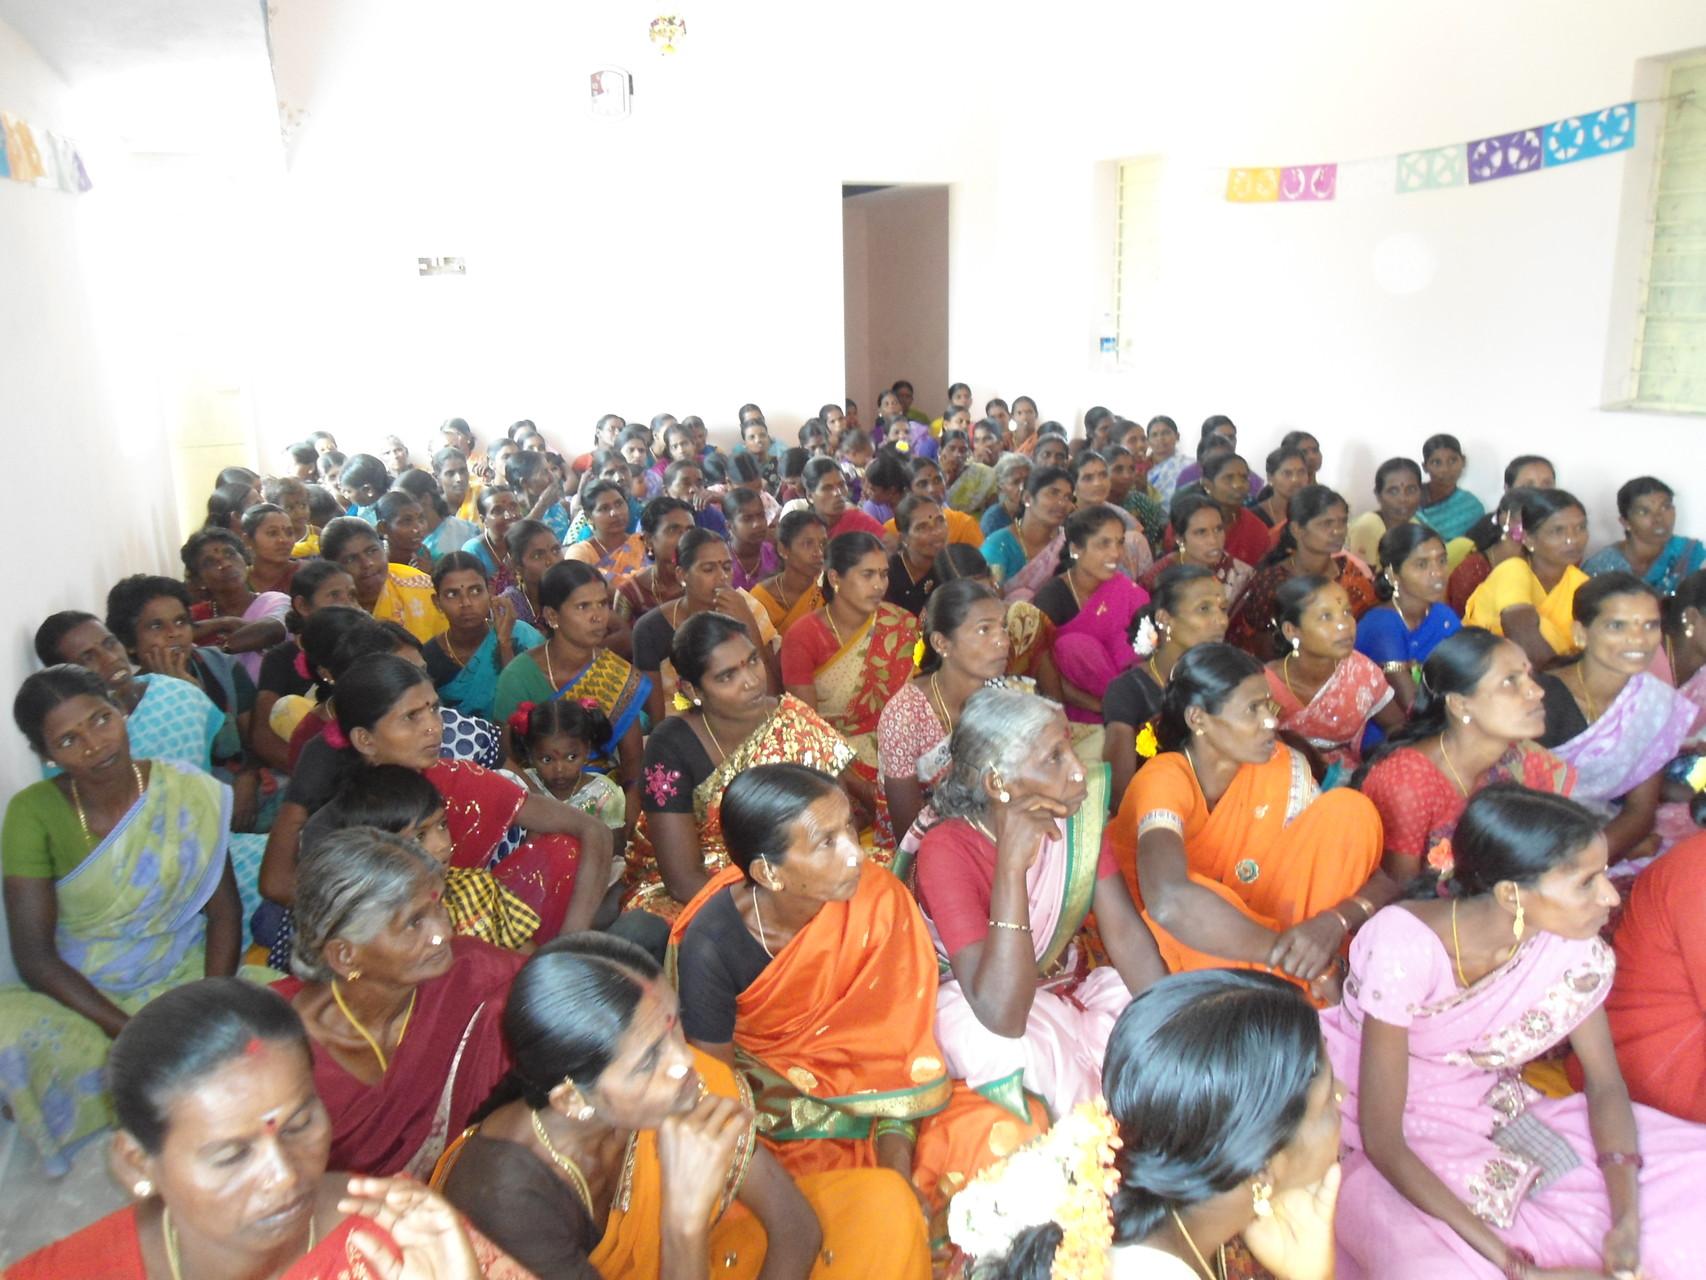 Novembre 2014 - Réunion d'information avec les femmes tribales à Thekkumapathur